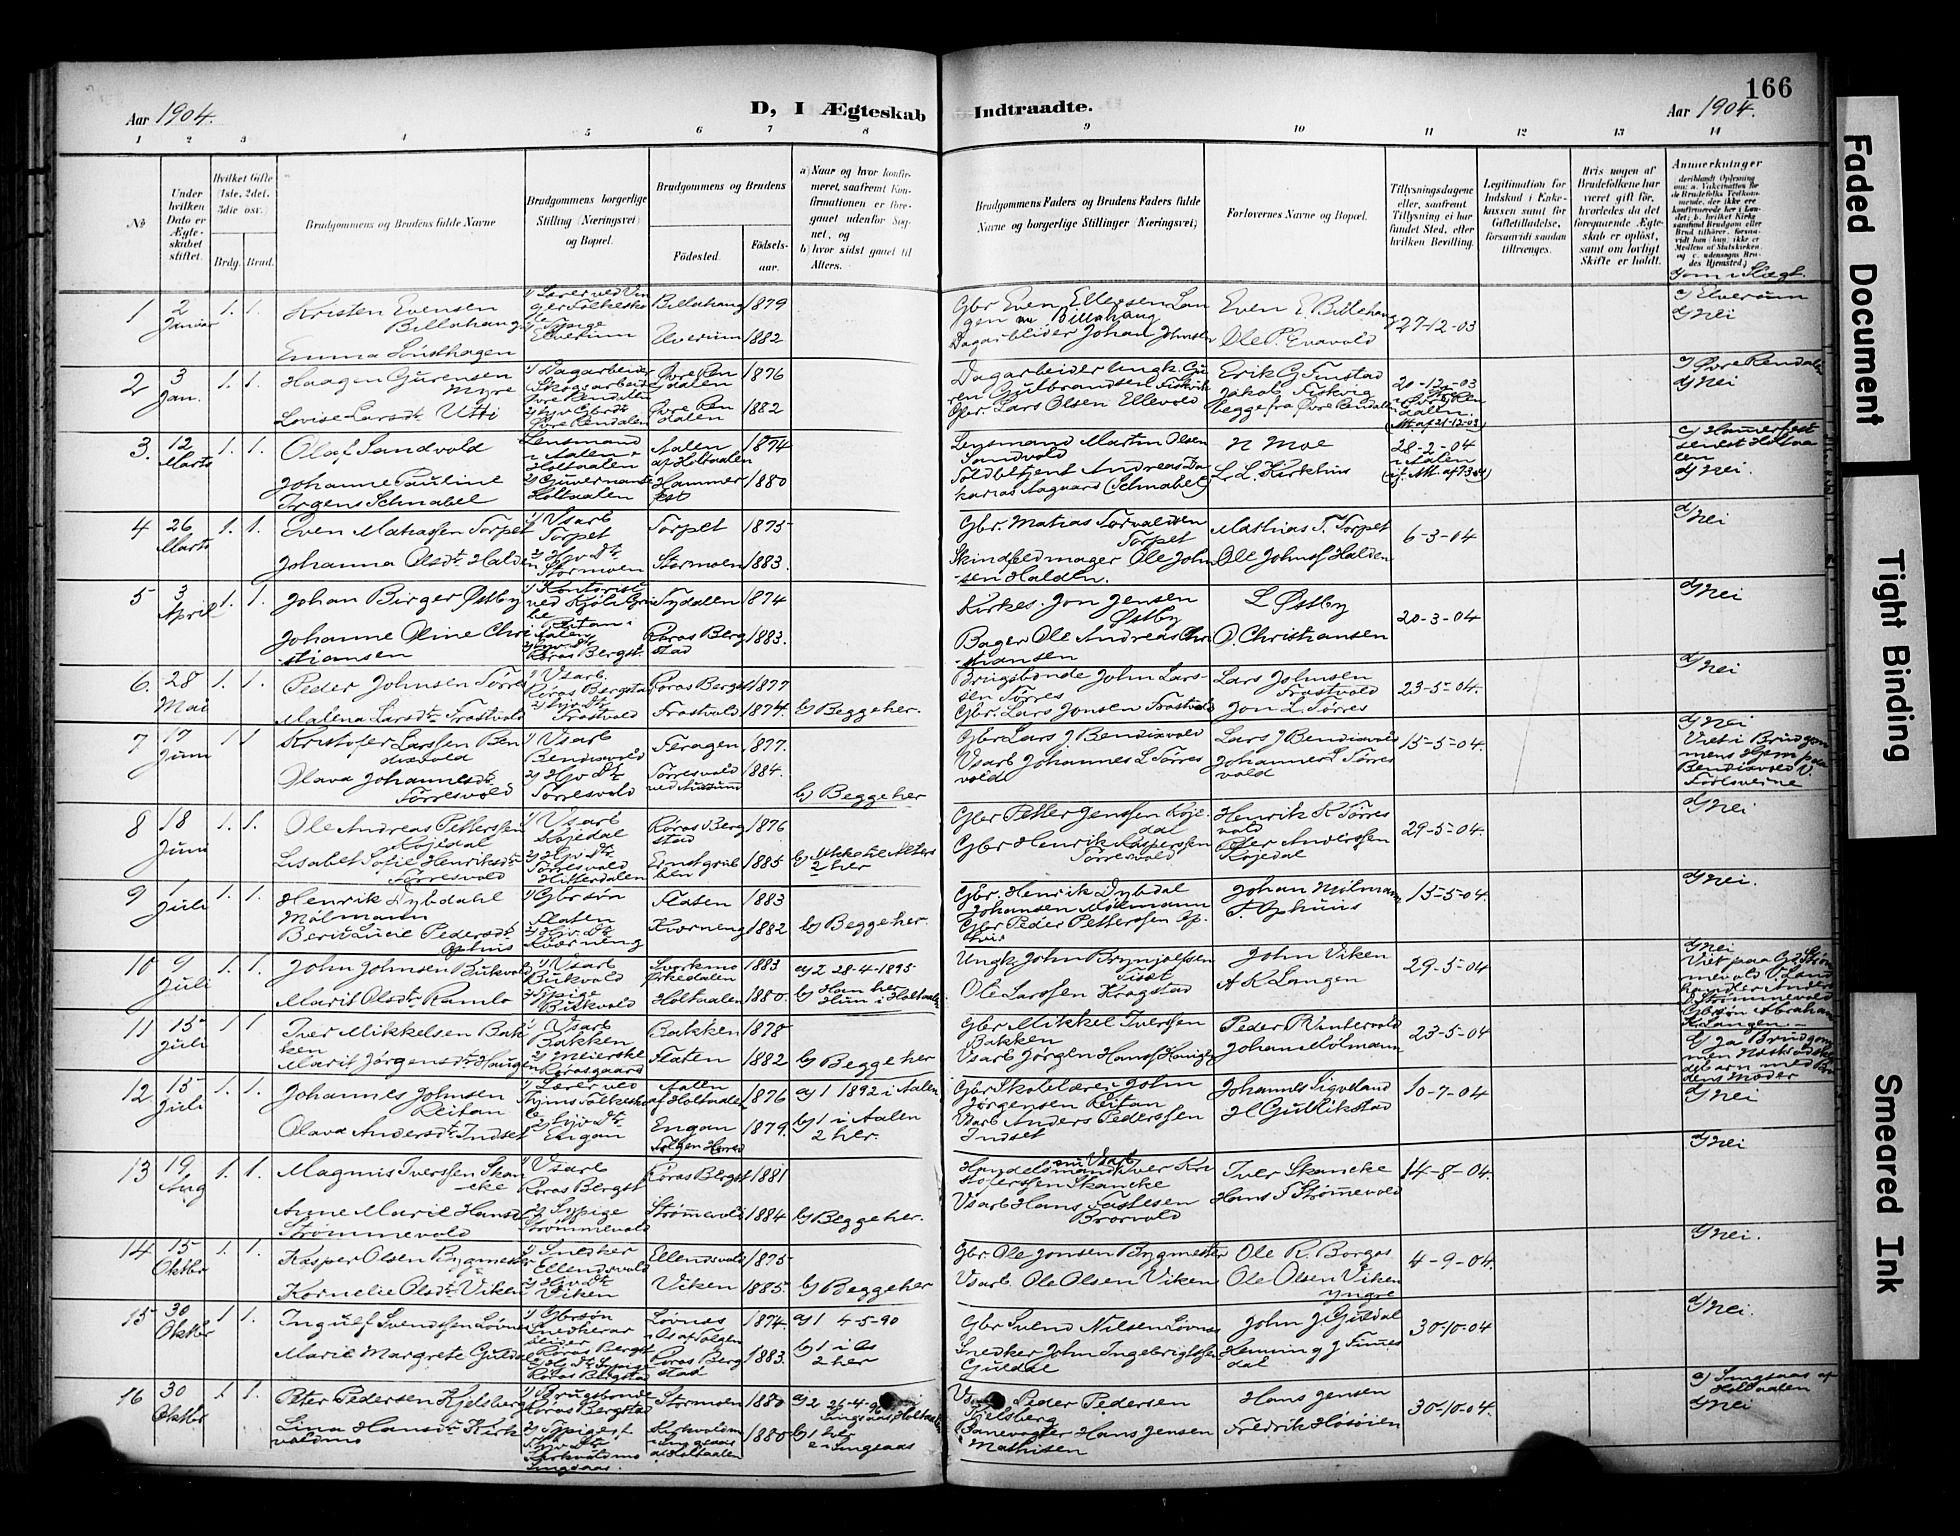 SAT, Ministerialprotokoller, klokkerbøker og fødselsregistre - Sør-Trøndelag, 681/L0936: Ministerialbok nr. 681A14, 1899-1908, s. 166